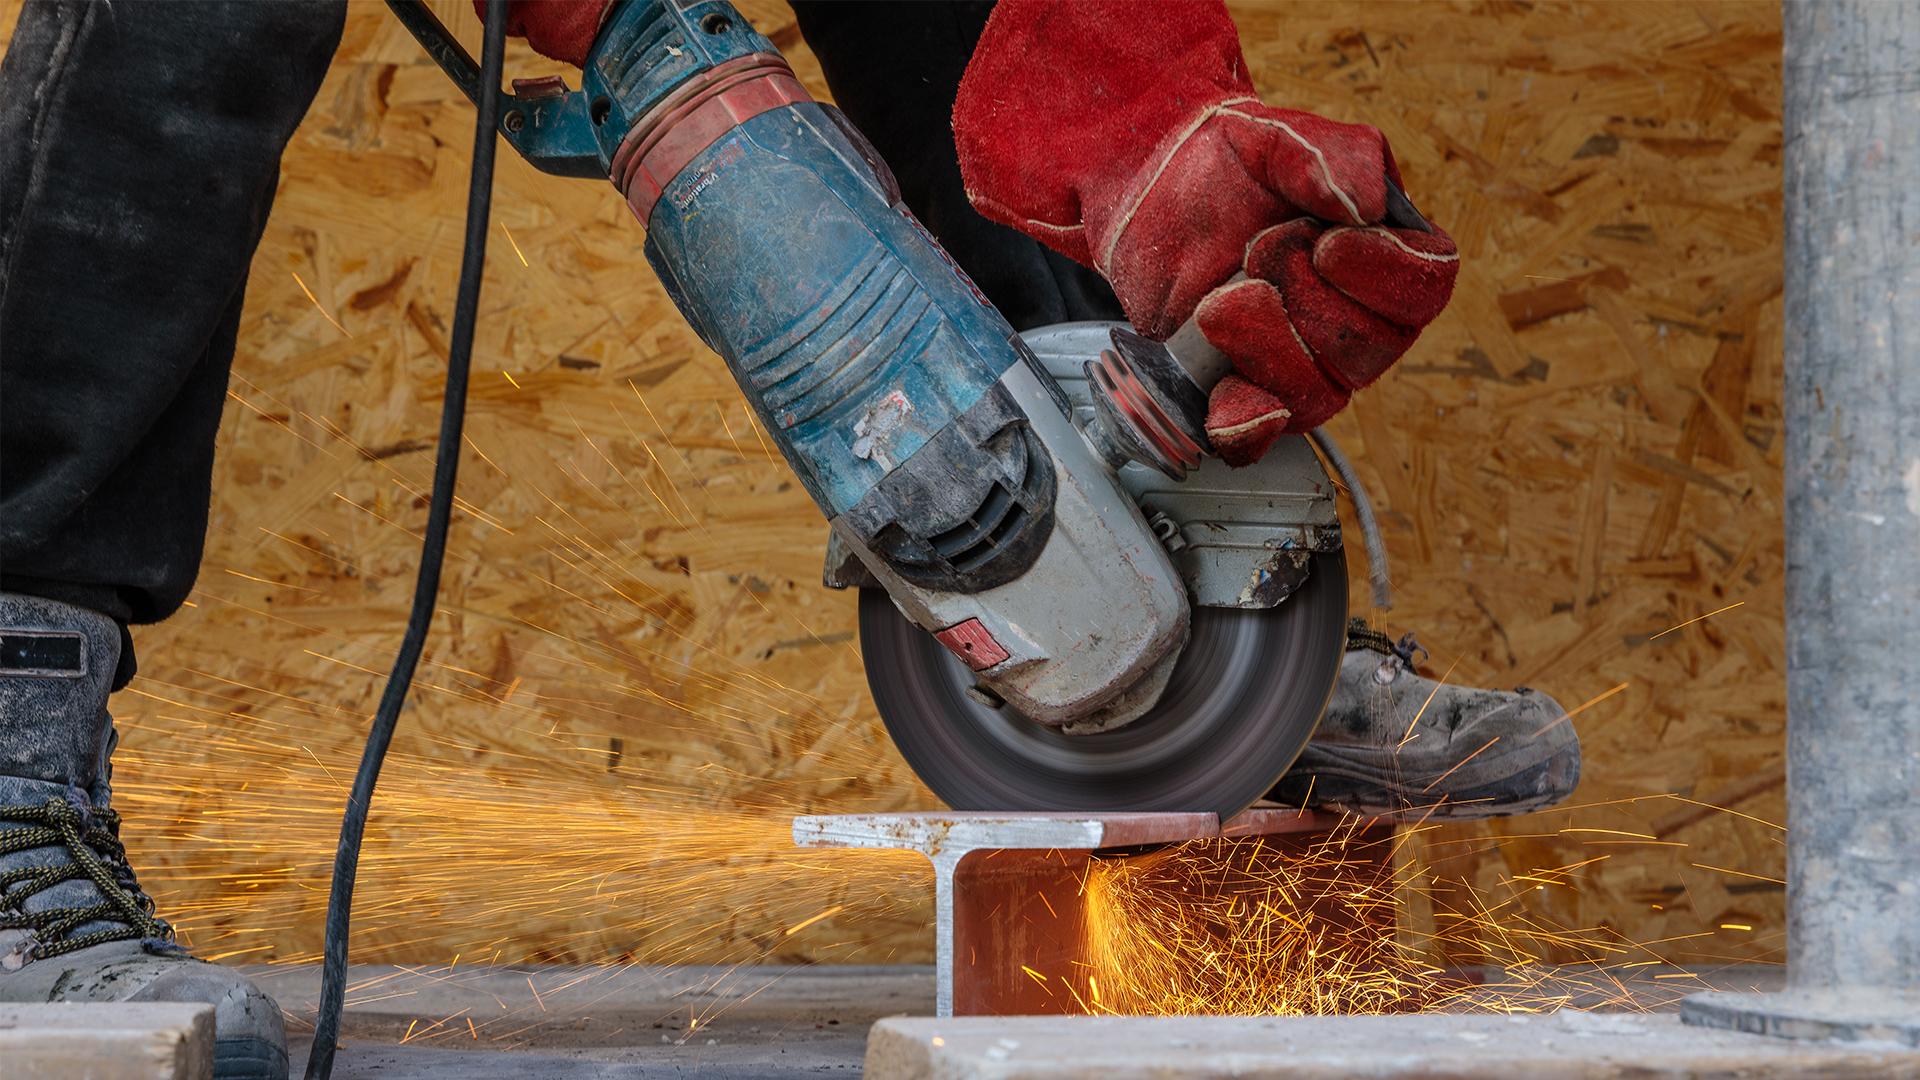 Steinhoff -  Buitenmuur verwijderen - Werkzaamheden